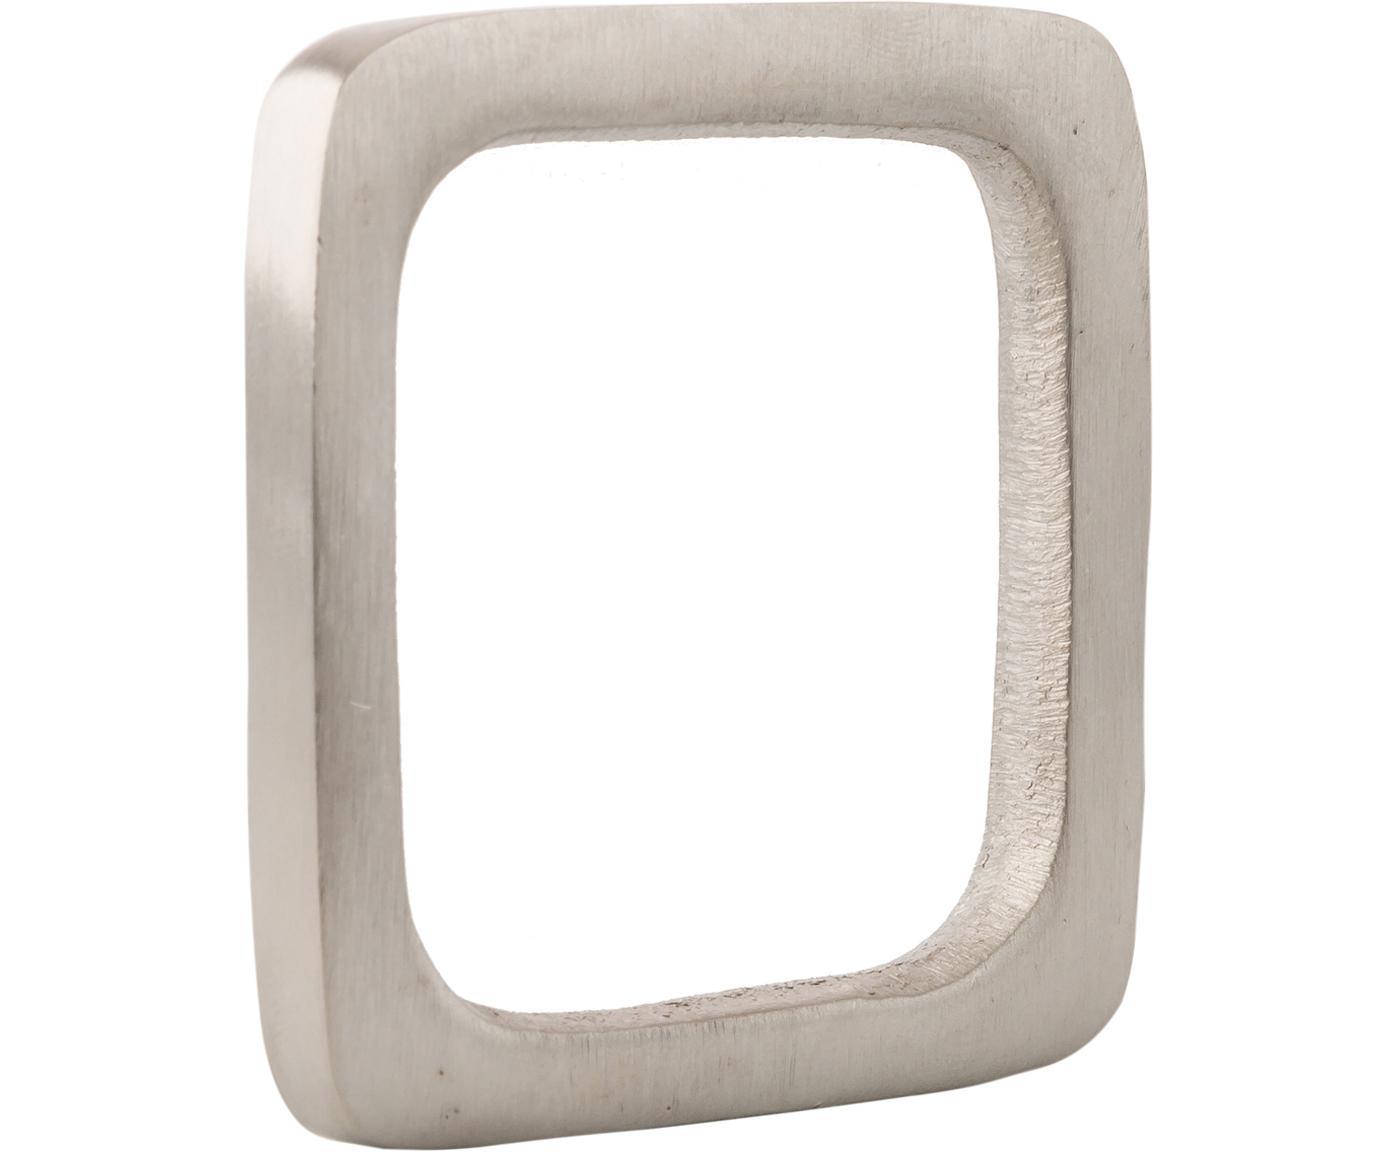 Portatovaglioli Squark, 4 pz., Alluminio, zincato, Nichel, Larg. 5 x Lung. 5 cm